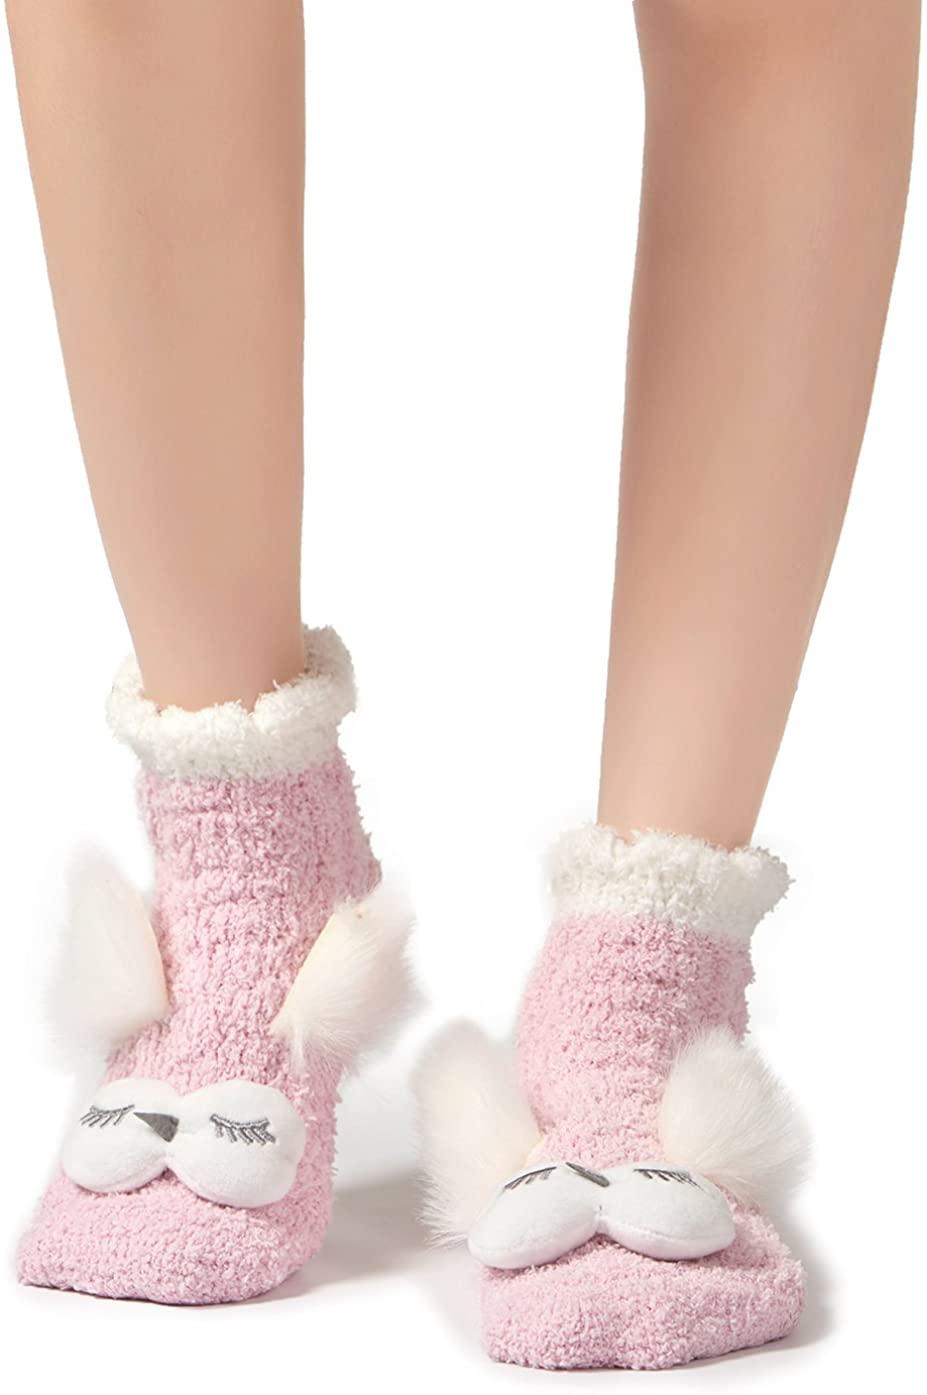 Leotruny Women's Winter Cute Animal Ankle Slipper Fuzzy Socks